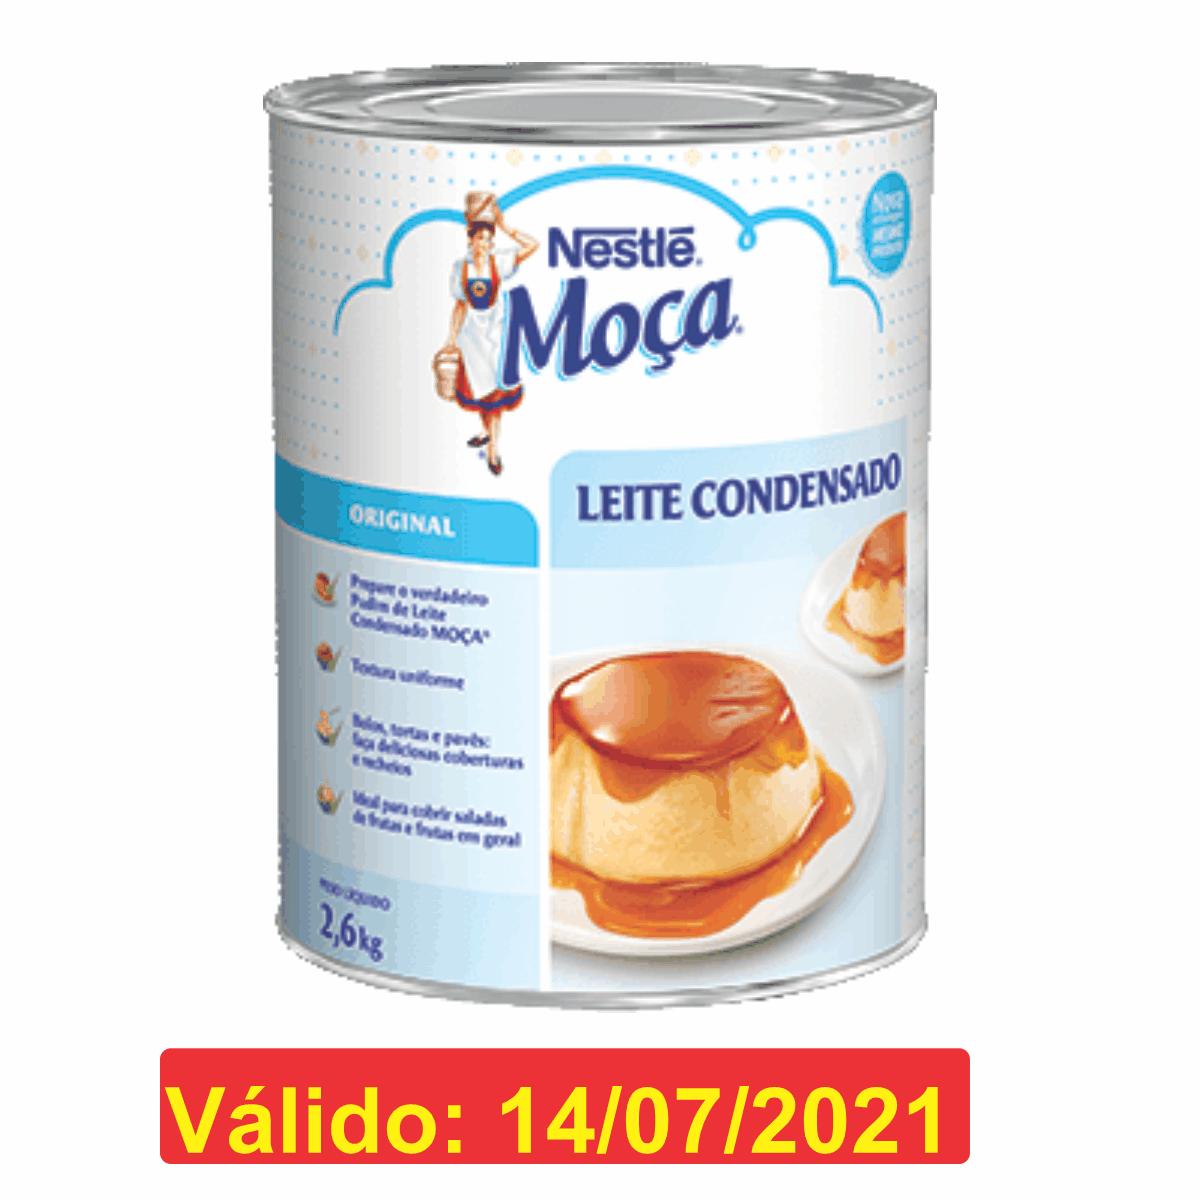 LEITE CONDENSADO 2,6KG - NESTLÉ